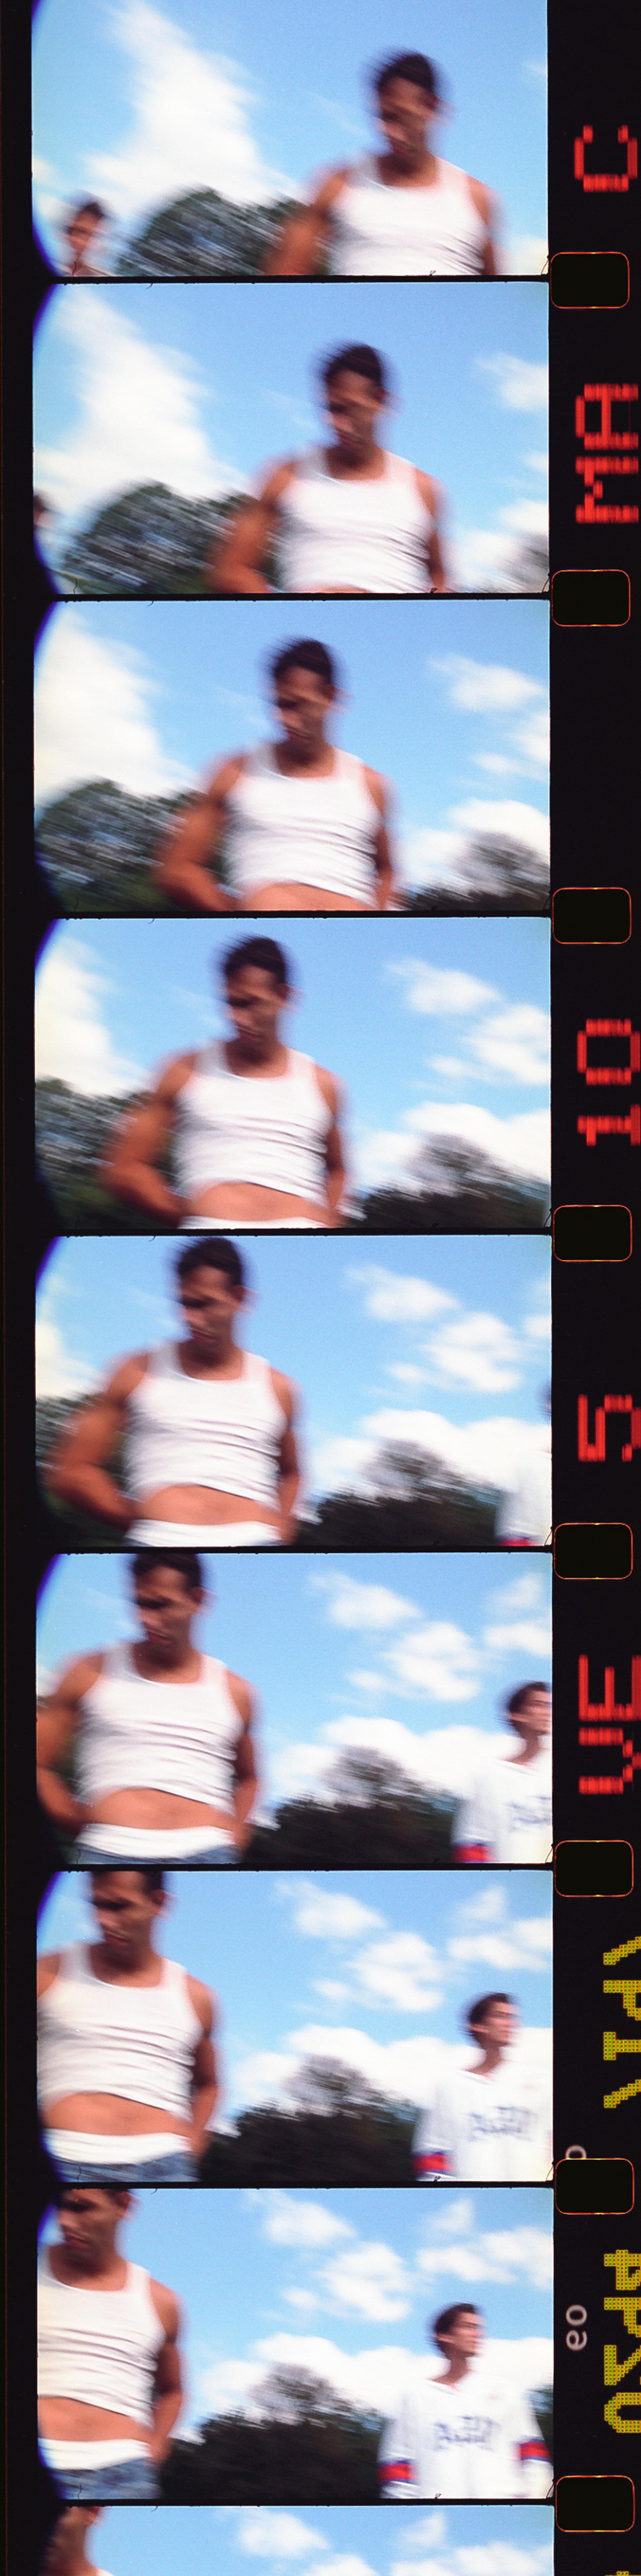 16mm-polo-usa-guy-series-2-copy.jpg